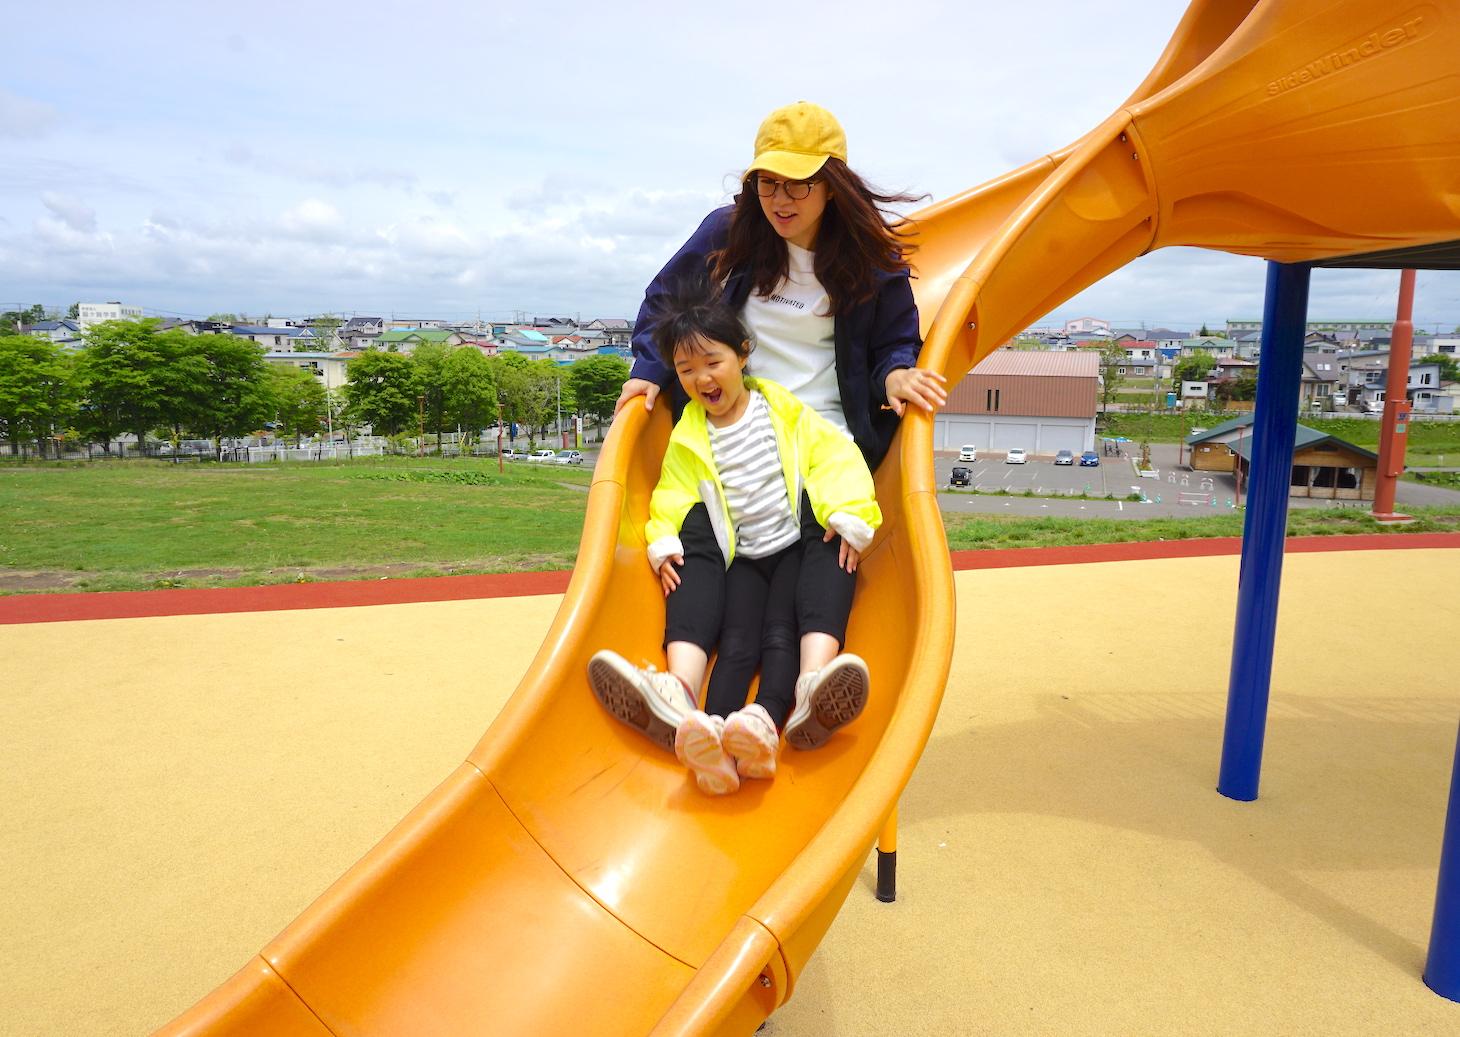 釧路トヨタ ママ社員厳選!子連れにおすすめ『緑ケ岡公園』レポート